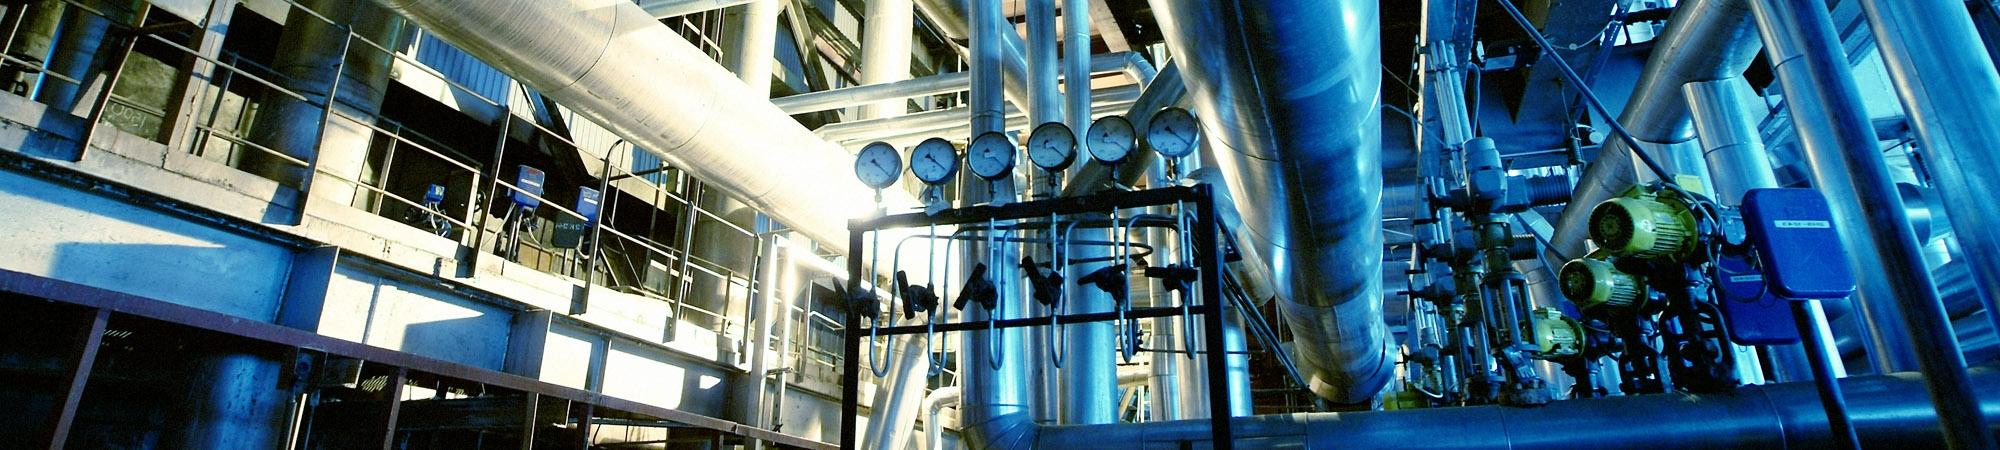 Addens - Conexões industriais